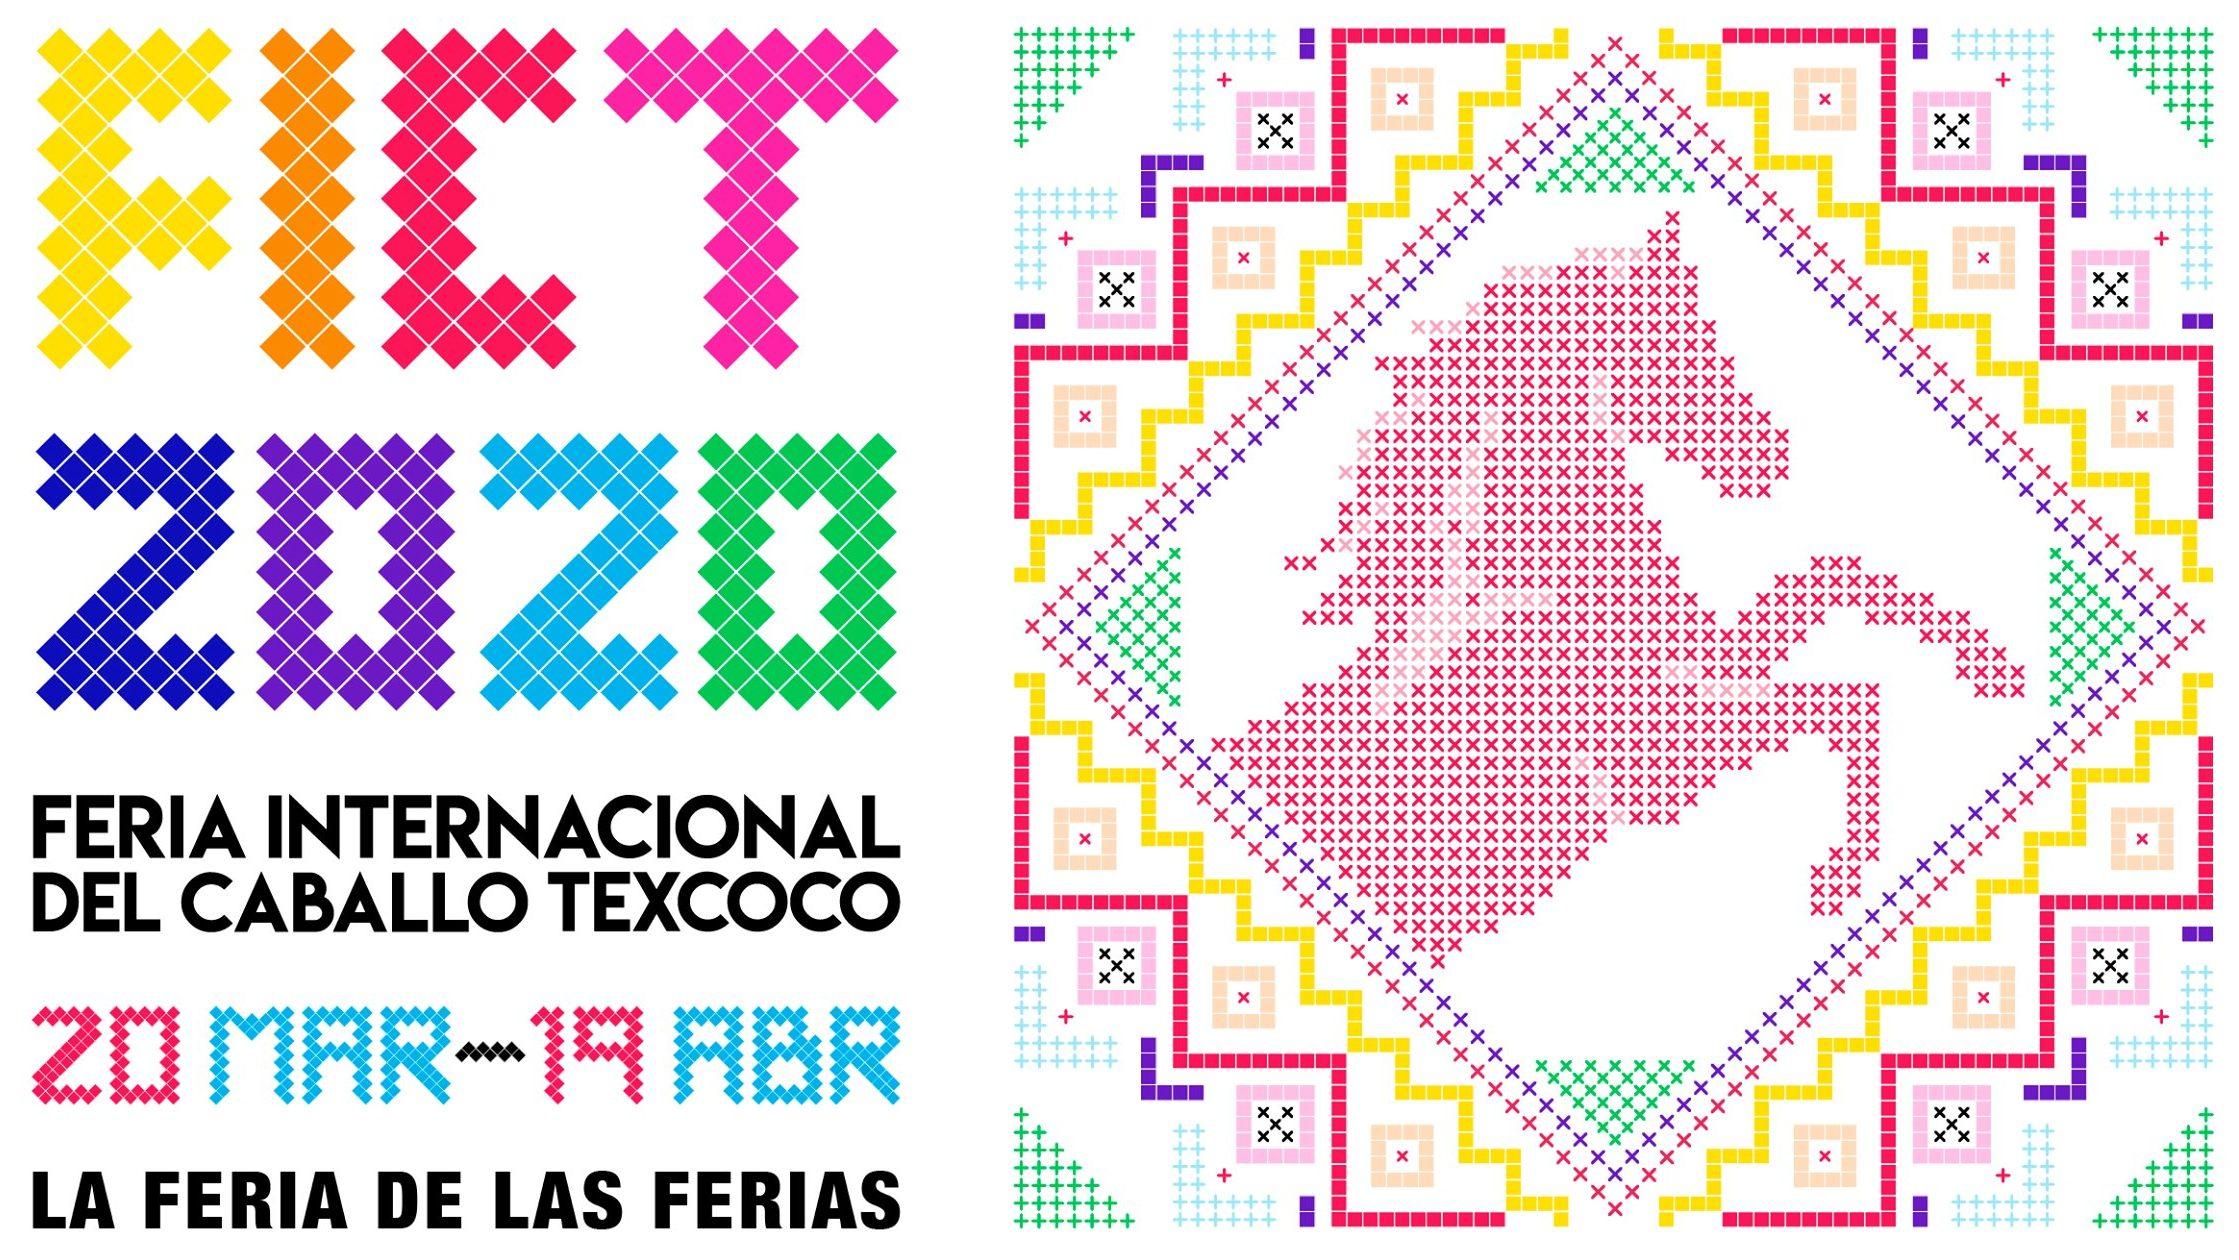 Feria Internacional del Caballo